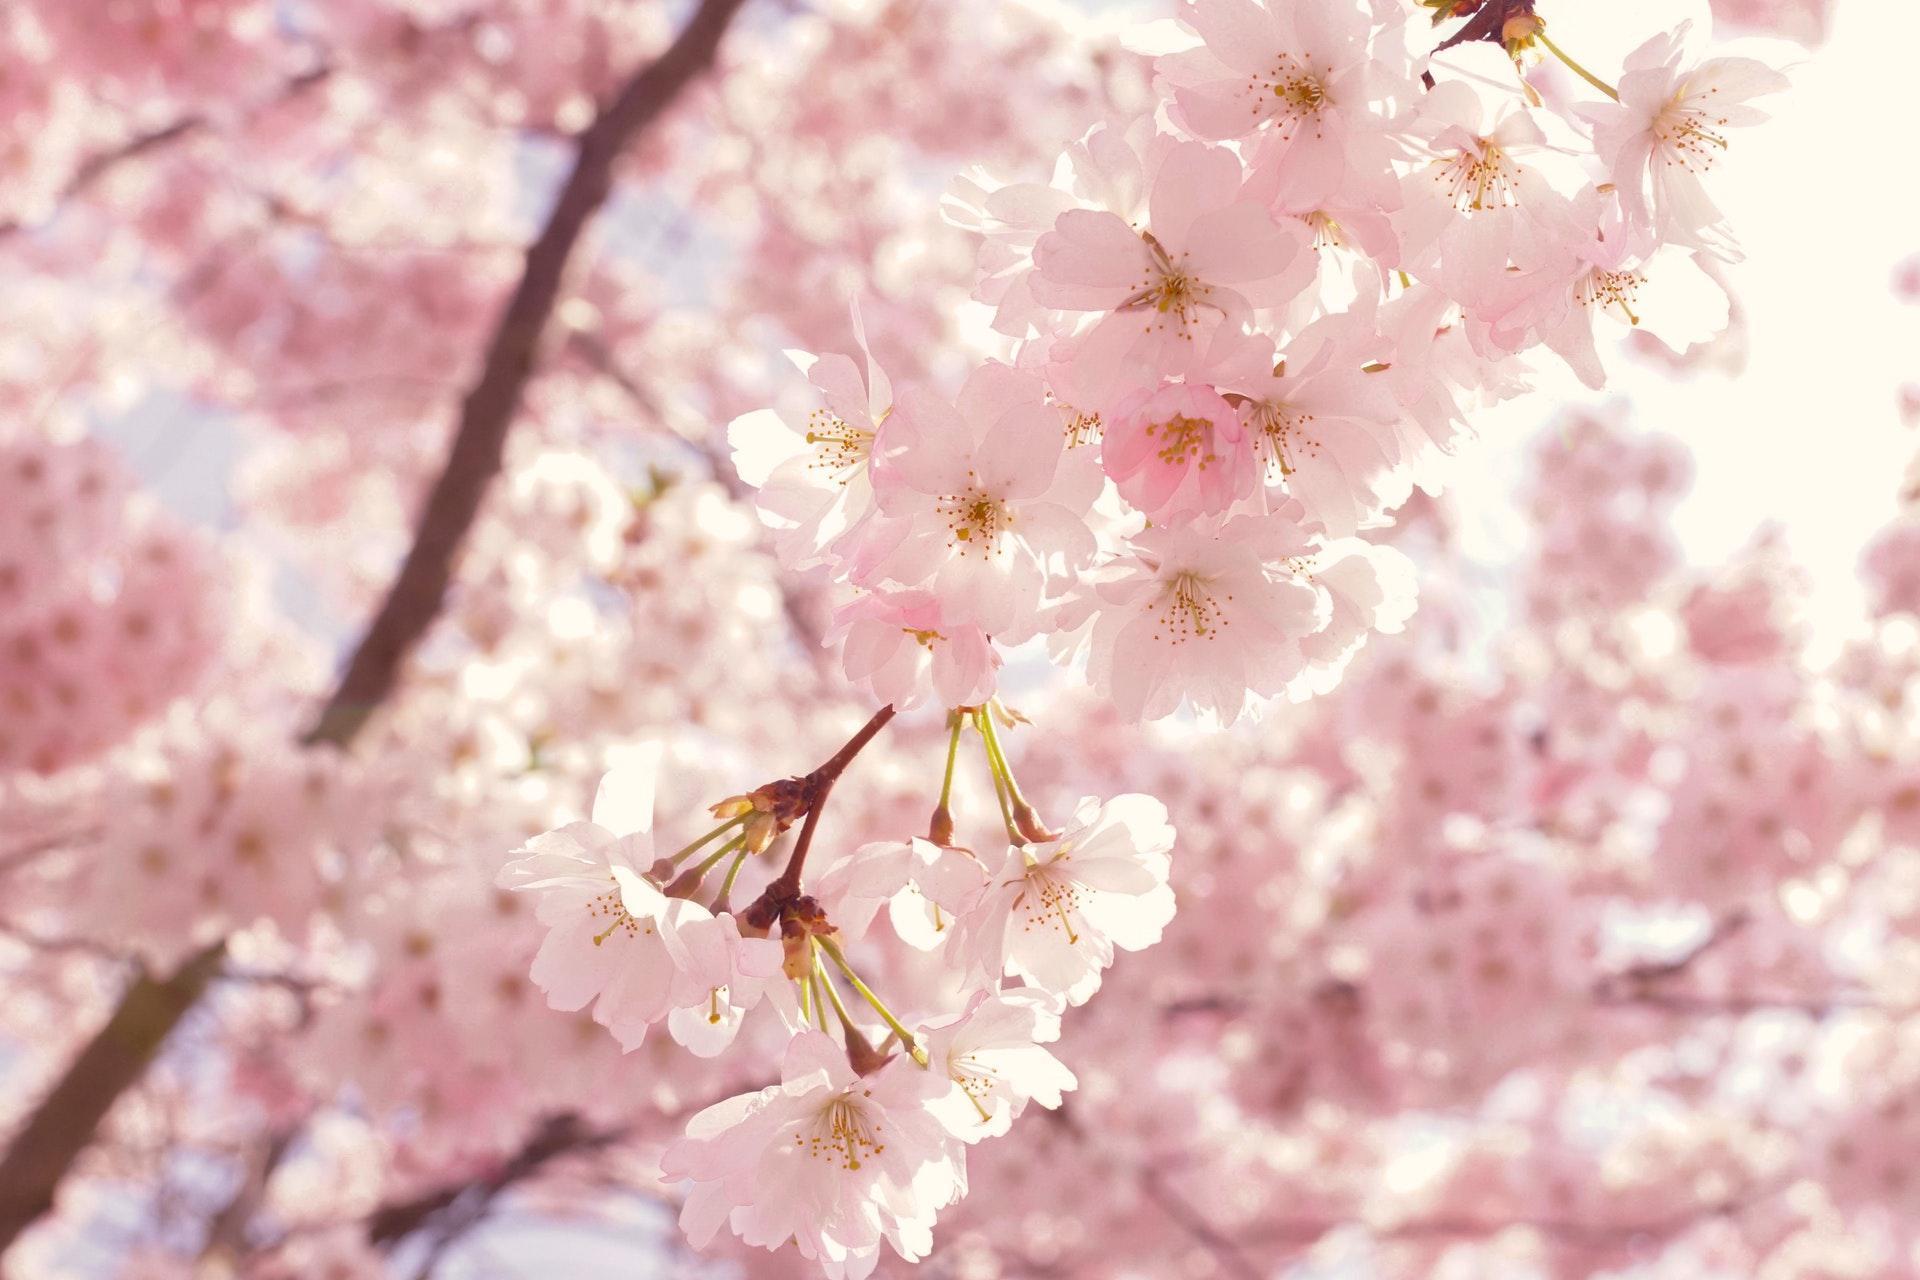 عکس زمینه گل های شکوفه صورتی گیلاس در بهار پس زمینه